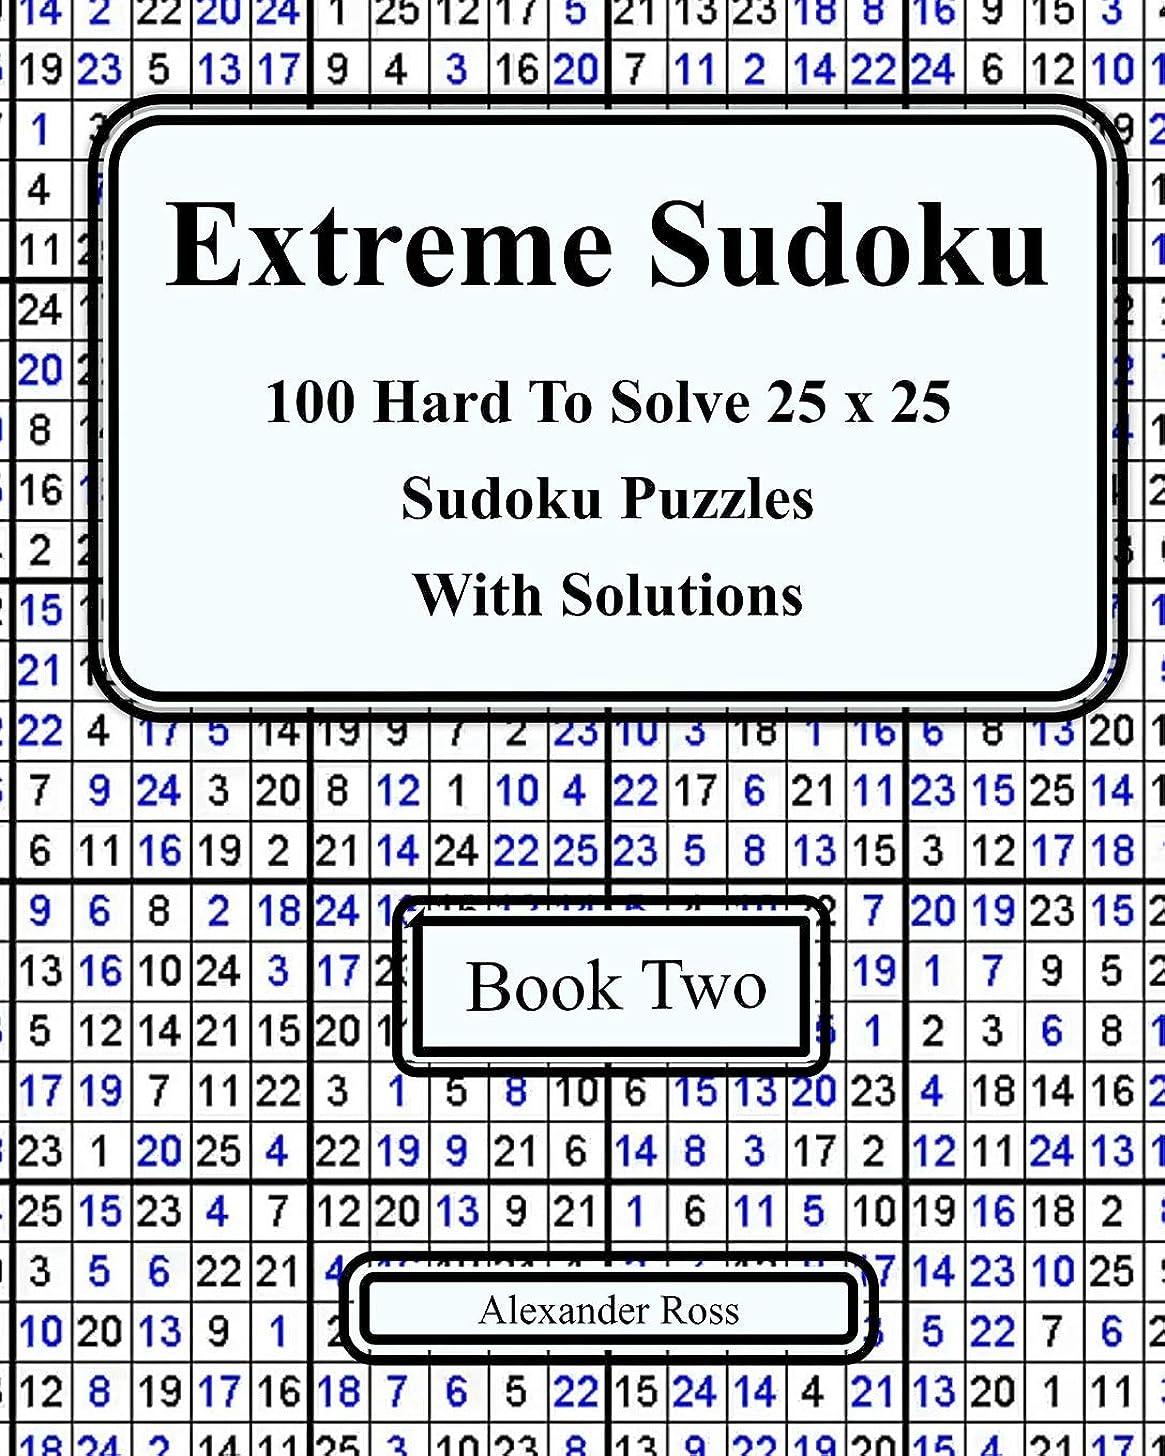 エリート破壊的納得させるExtreme Sudoku Two: 100 Hard To Solve 25 x 25 Sudoku Puzzles With Solutions Book 2